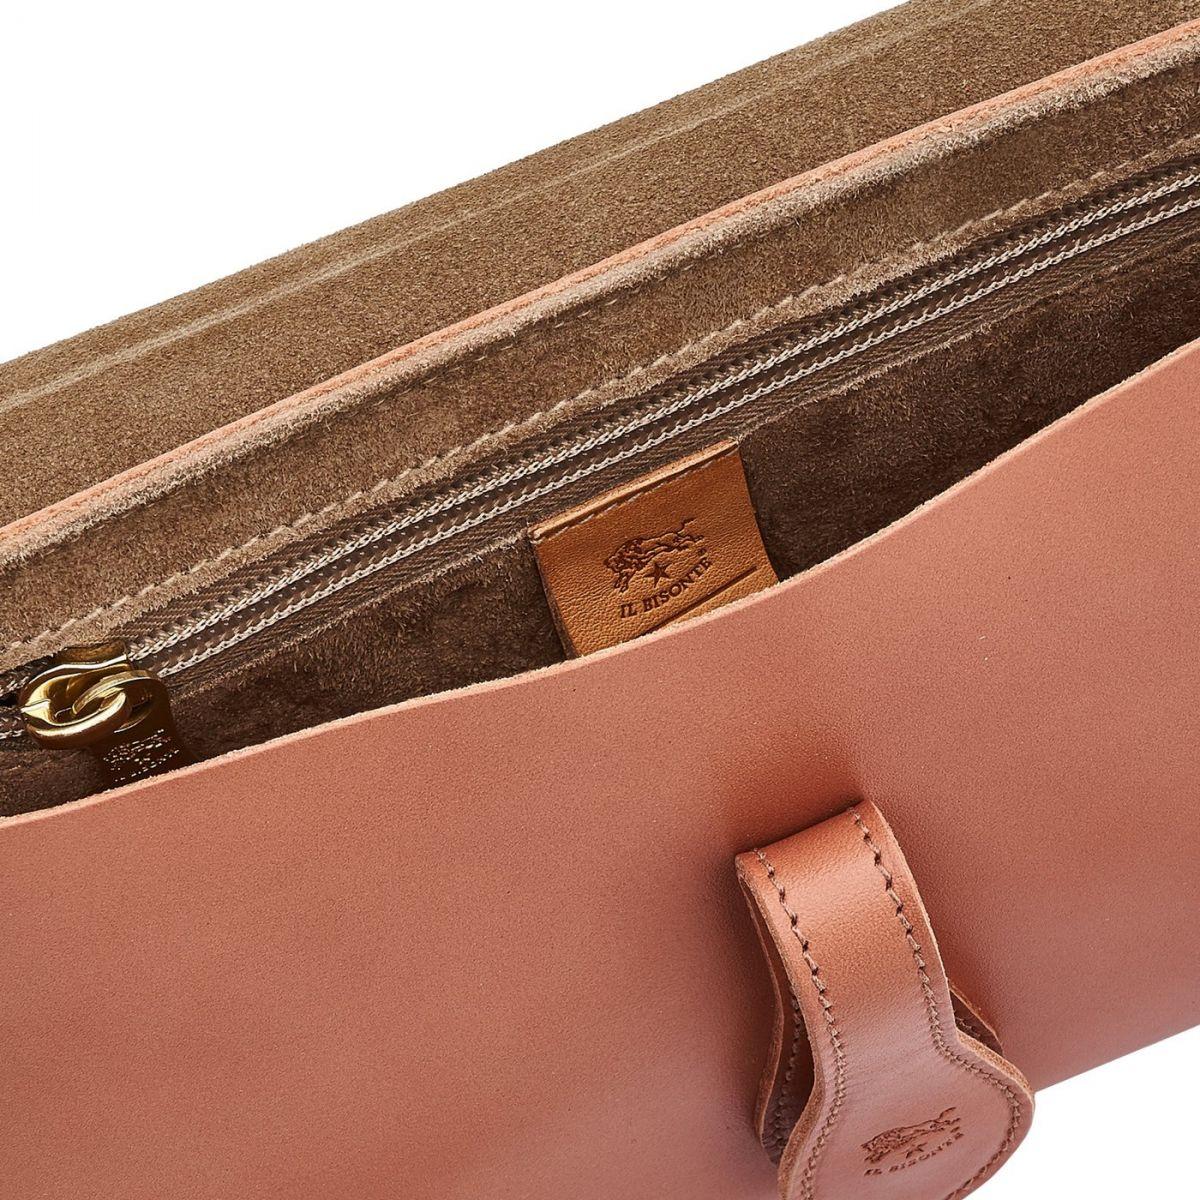 Borsa A Spalla da Donna Salina in Pelle Di Vacchetta BSH085 colore Pepe Rosa | Details